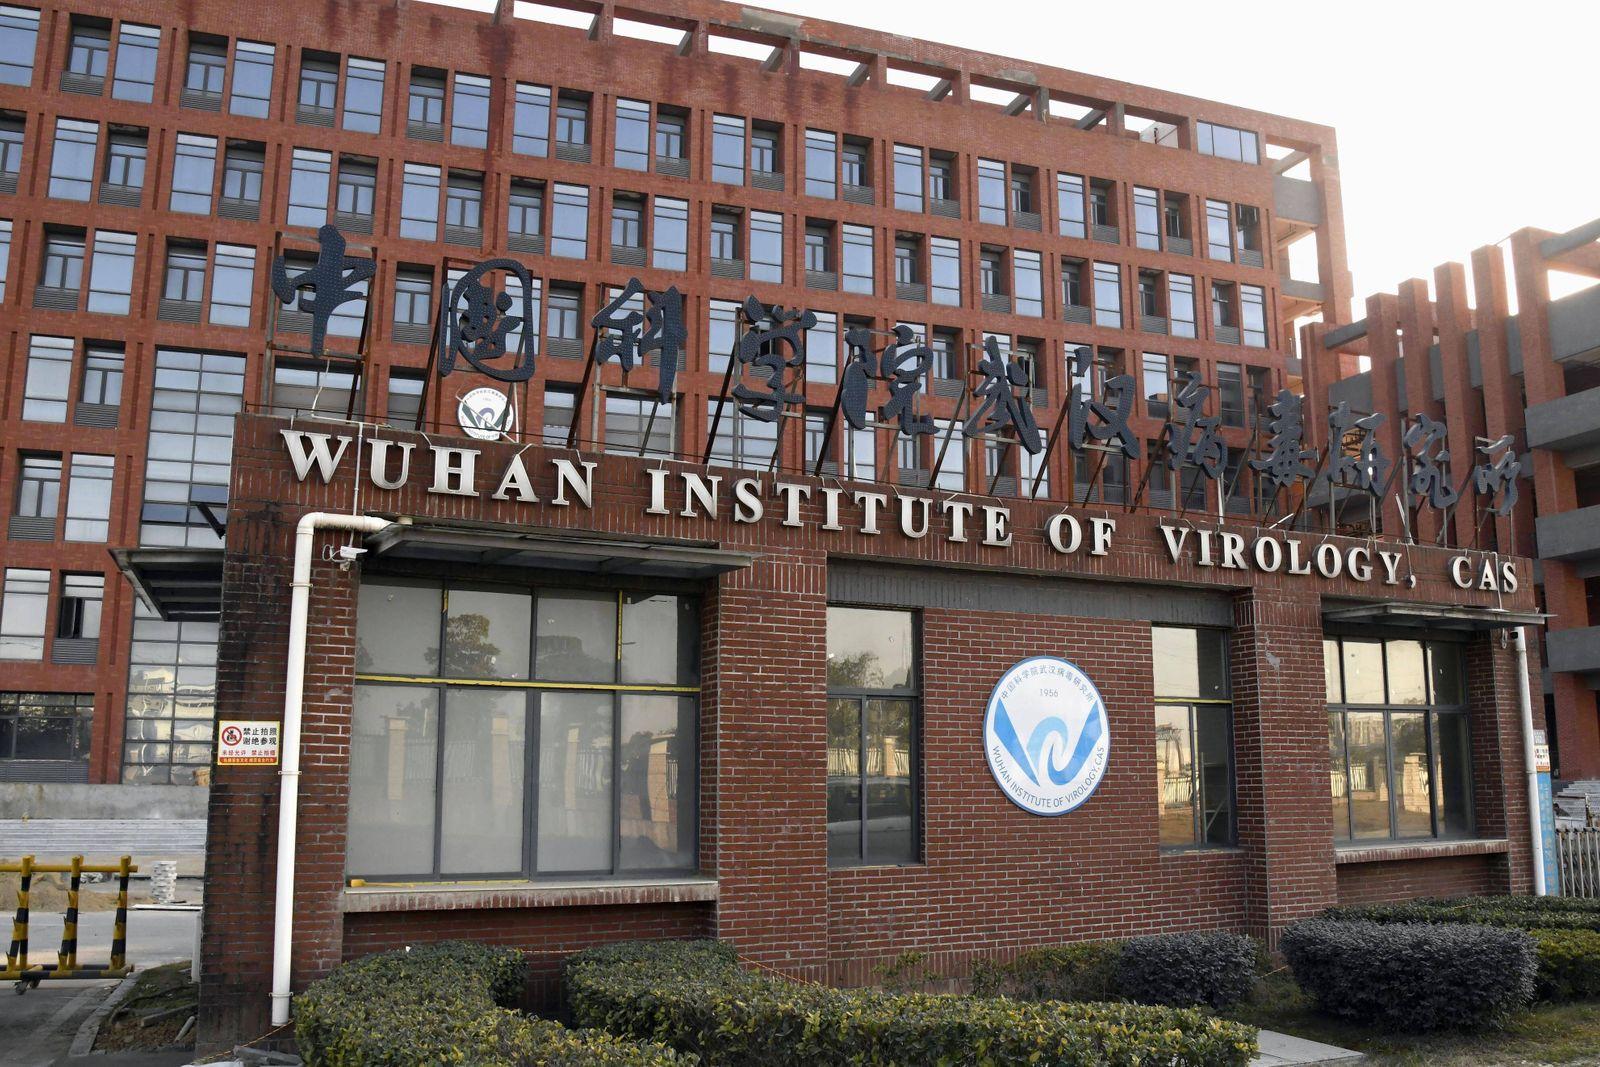 Wuhan Institute of Virology Photo taken Jan. 14, 2021, shows the Wuhan Institute of Virology in Wuhan, China. PUBLICATI